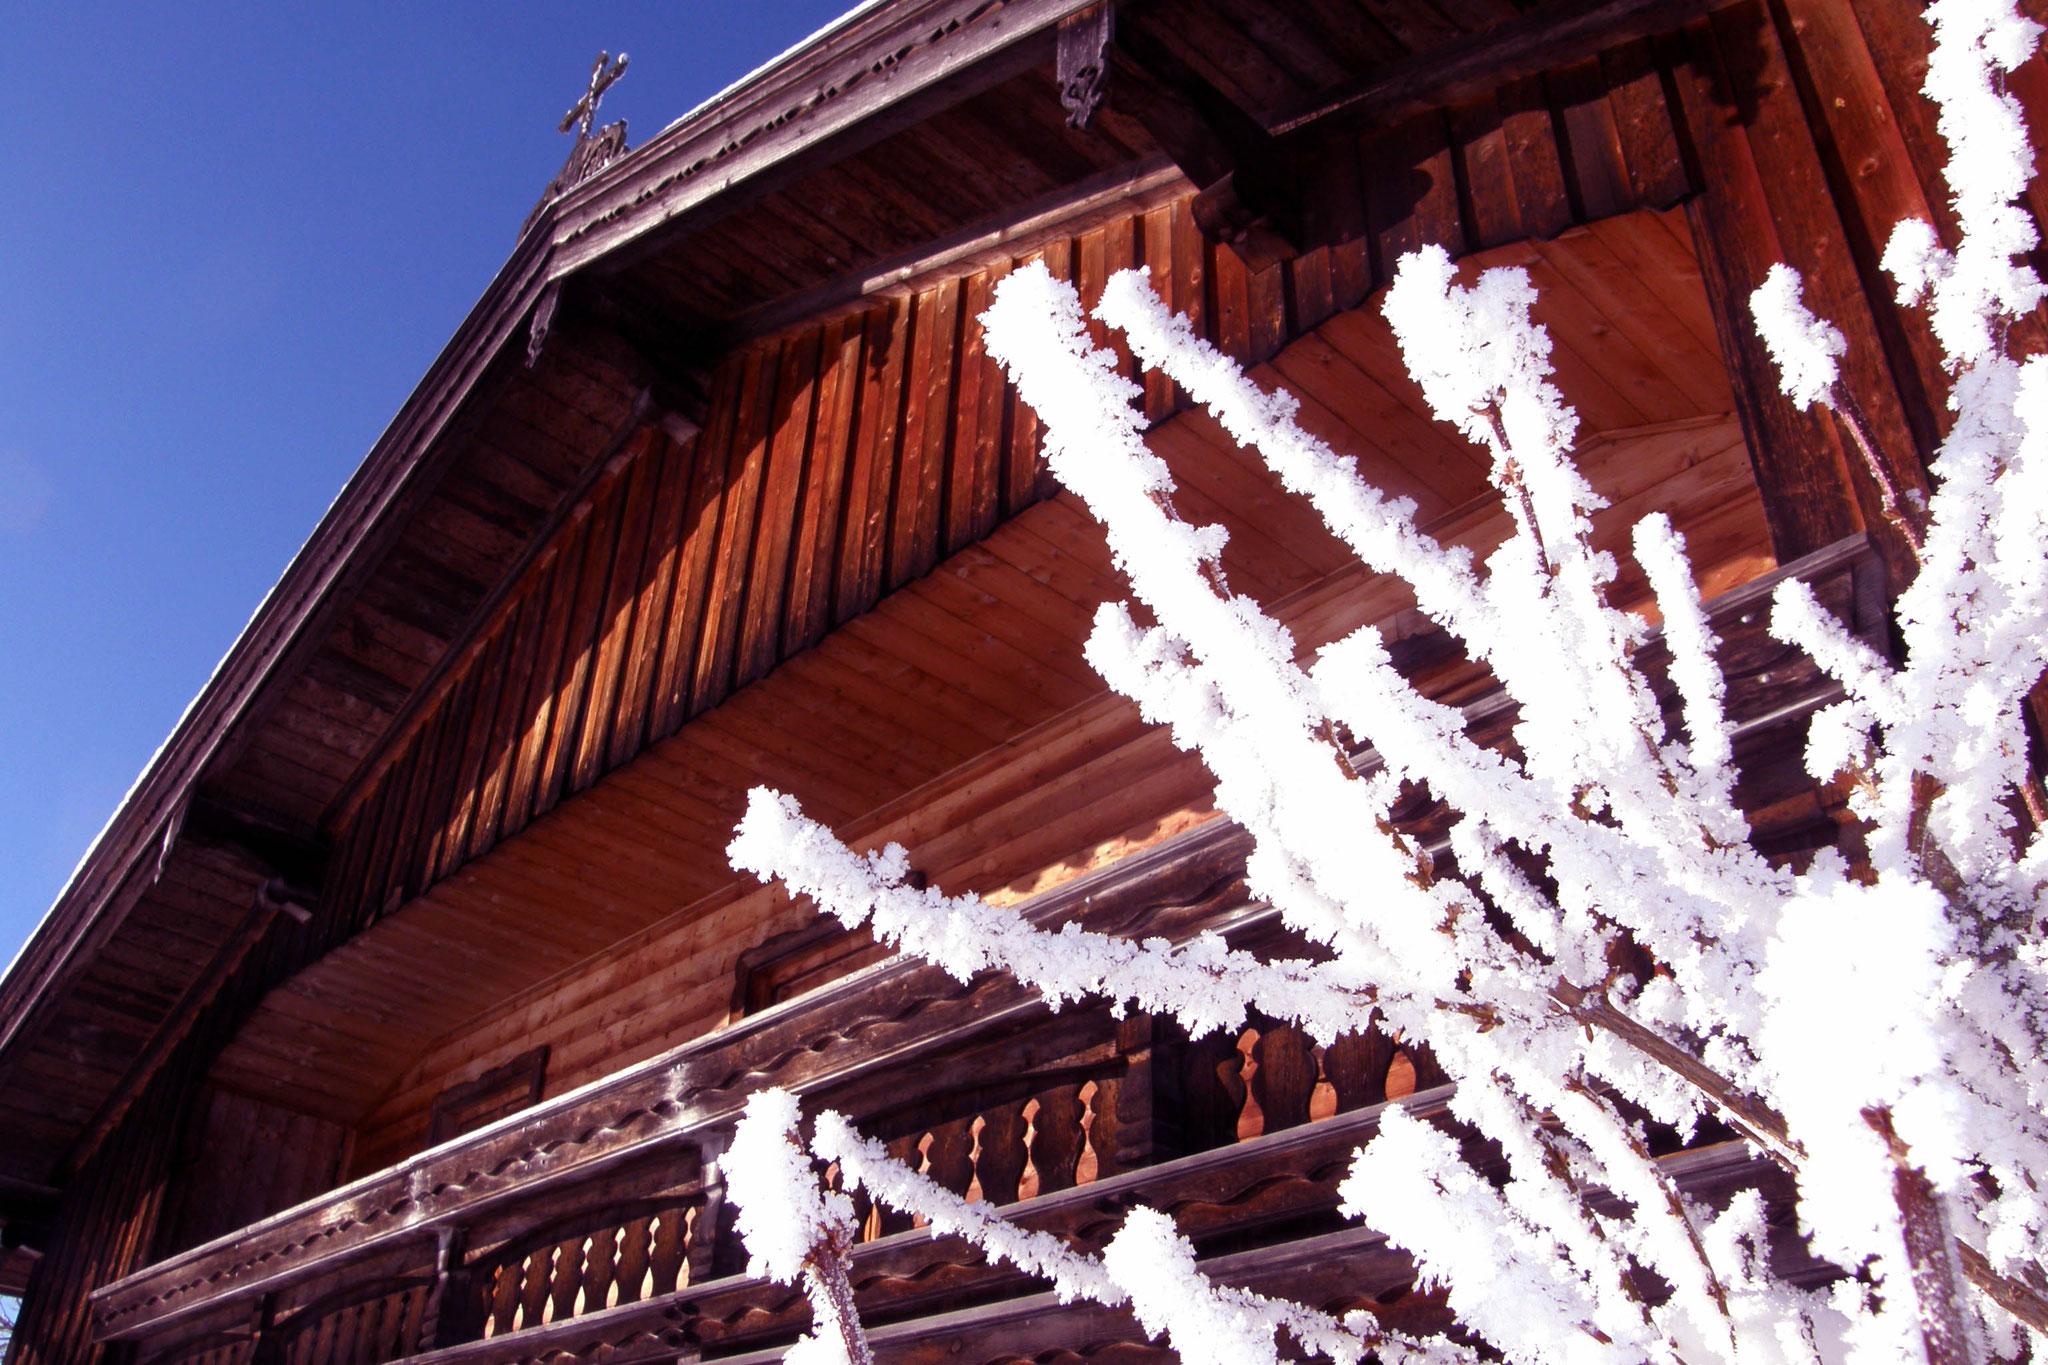 Winterliche Stimmung im Trachtenheim Irschenberg